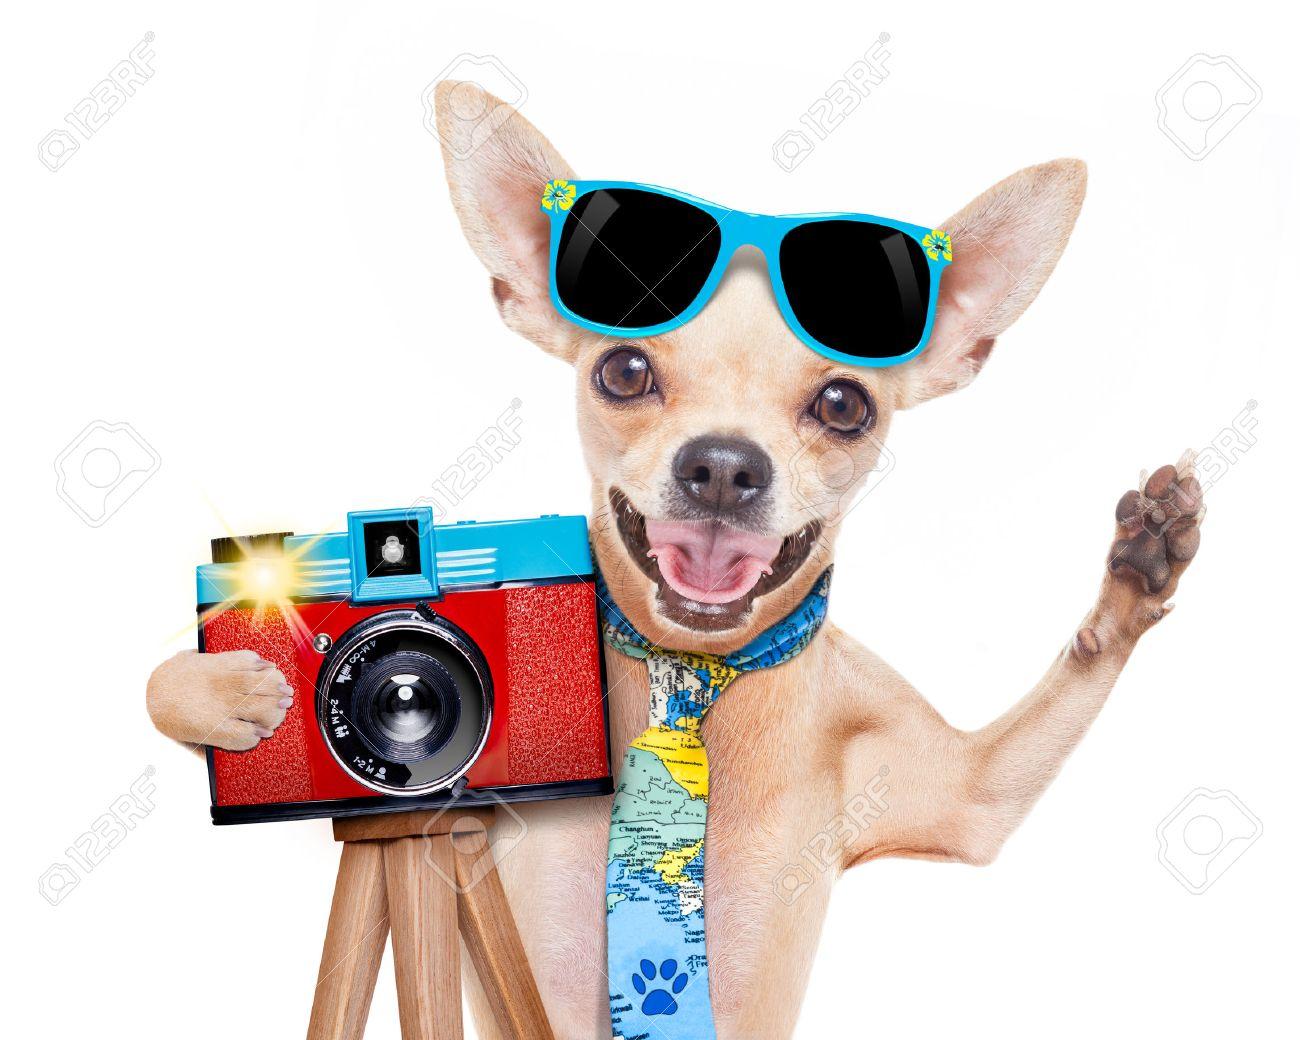 Loto de Février 2018 - Page 3 42737175-fra-che-photographe-touristique-chien-prenant-un-instantan-ou-une-image-avec-un-vieil-appareil-photo-Banque-d'images